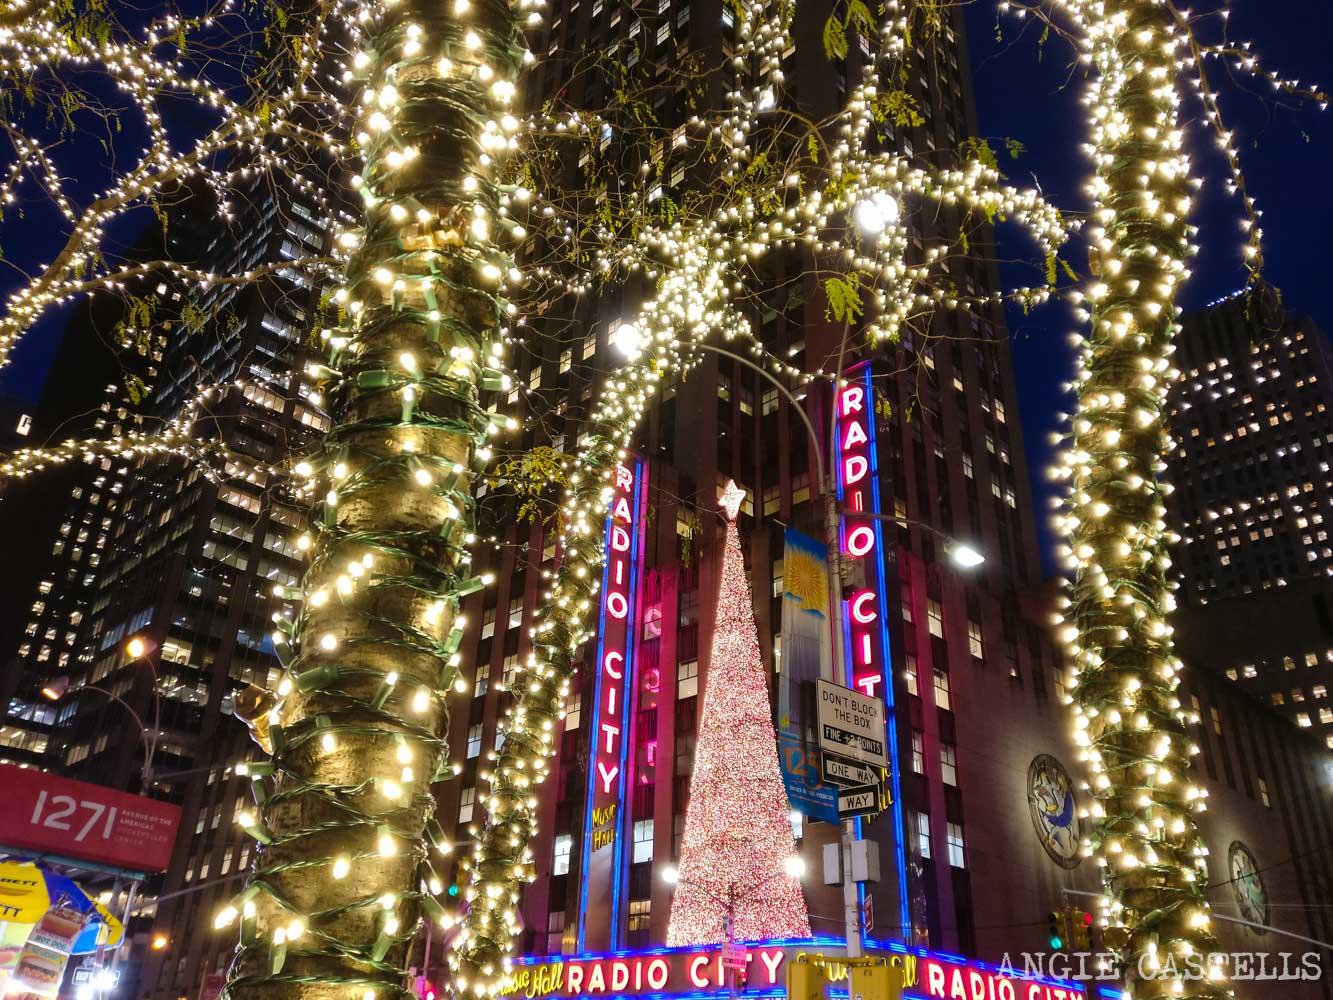 Qué hacer en Navidad en Nueva York - Radio City Music Hall